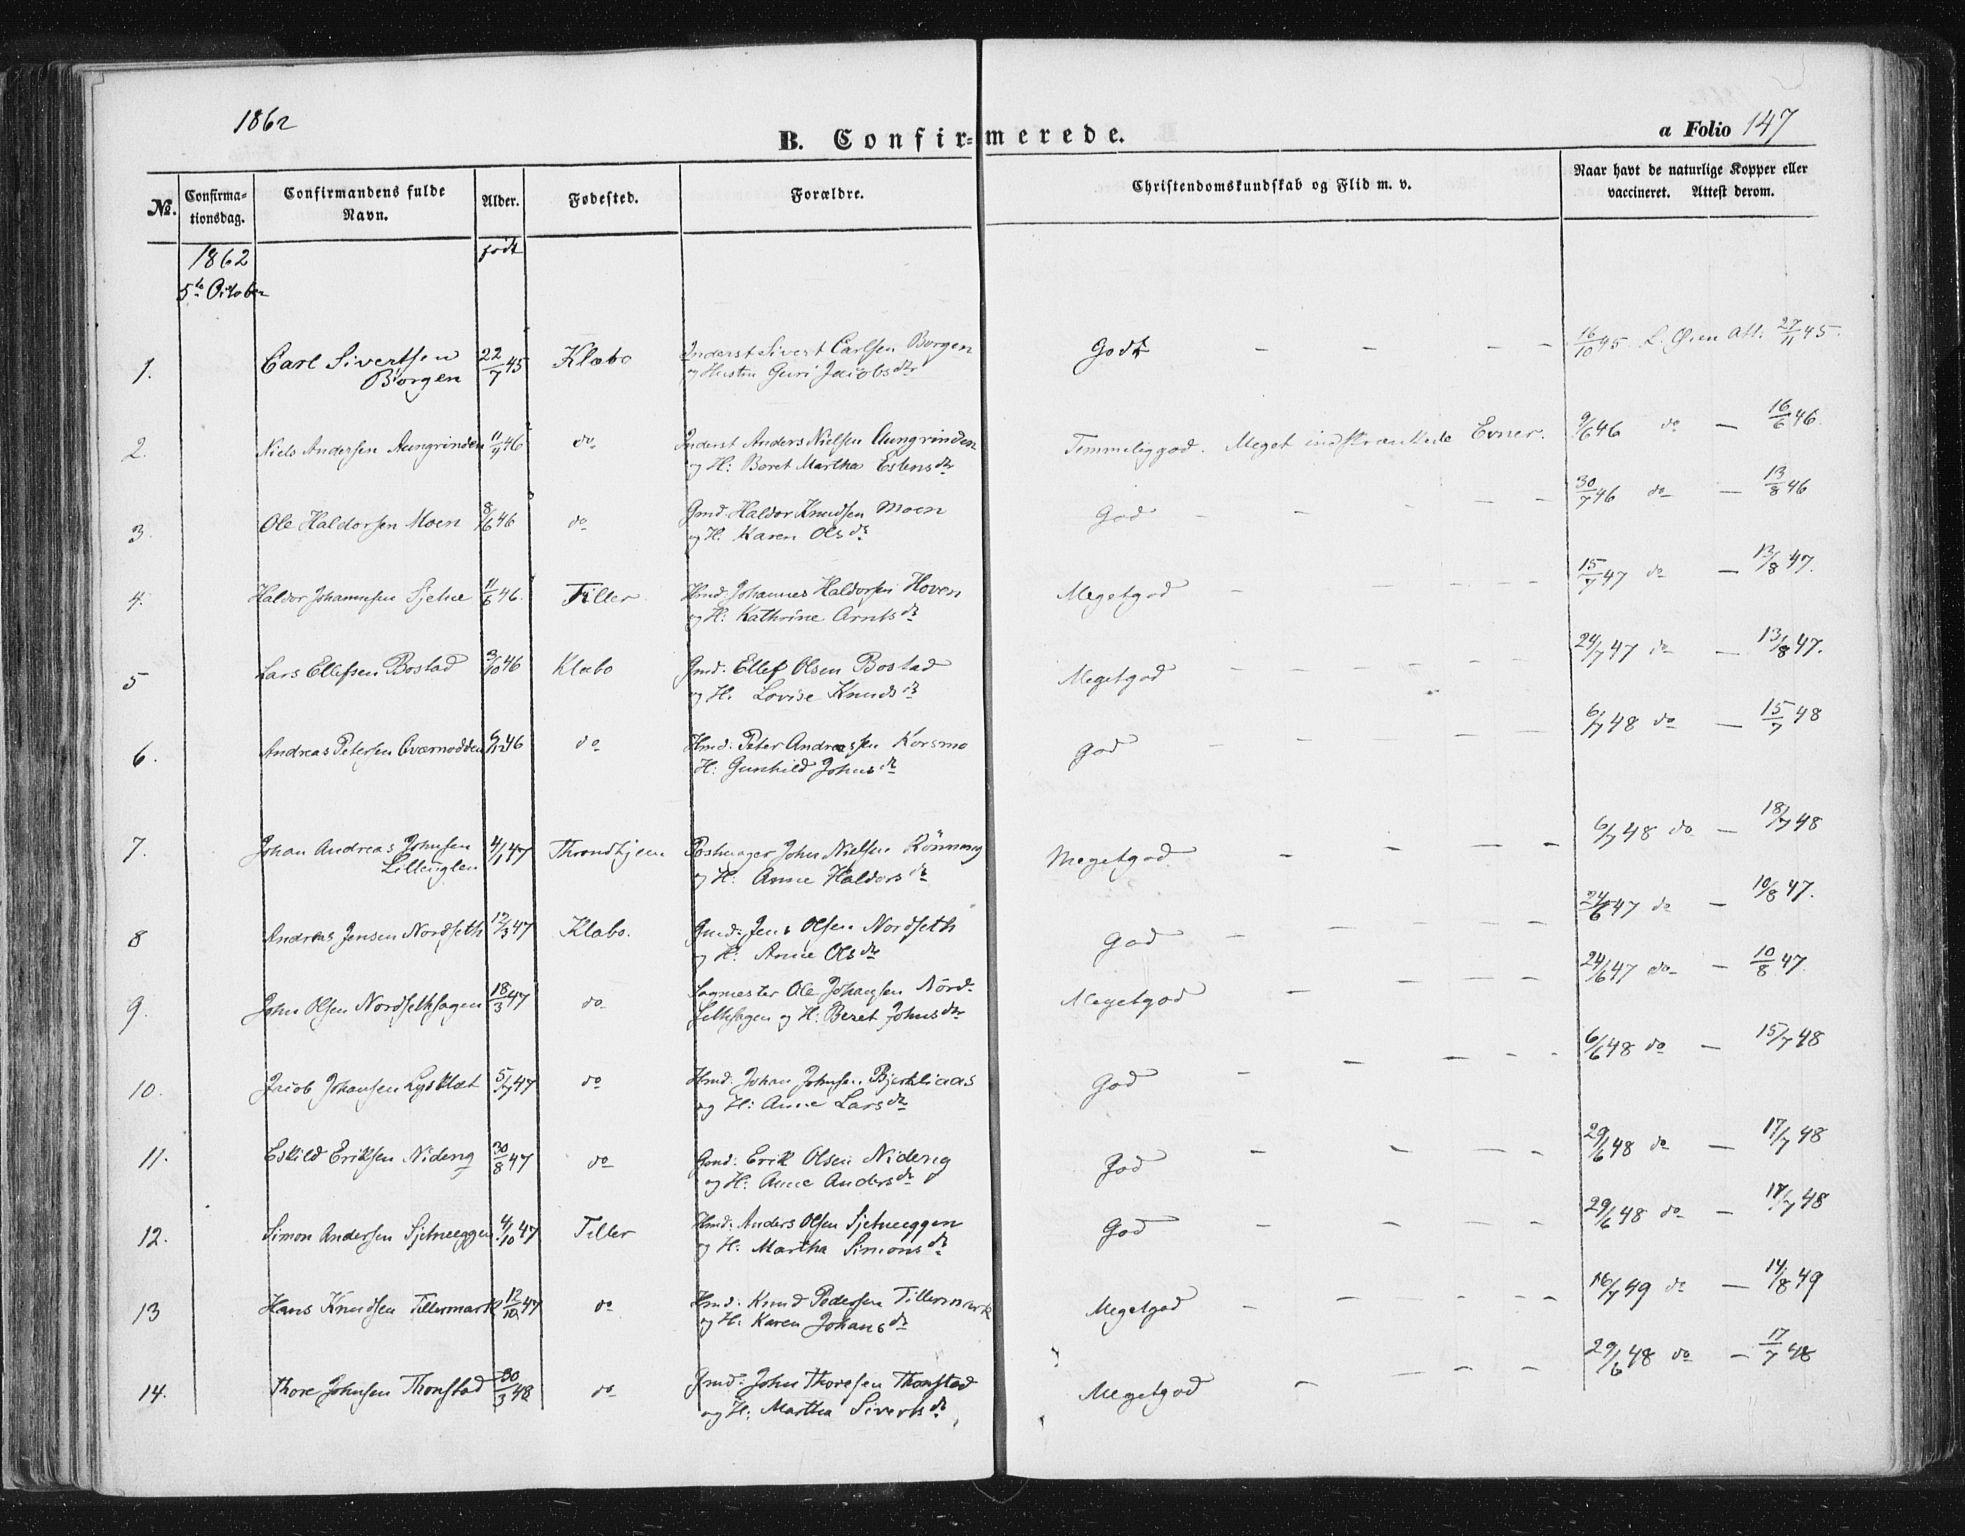 SAT, Ministerialprotokoller, klokkerbøker og fødselsregistre - Sør-Trøndelag, 618/L0441: Ministerialbok nr. 618A05, 1843-1862, s. 147